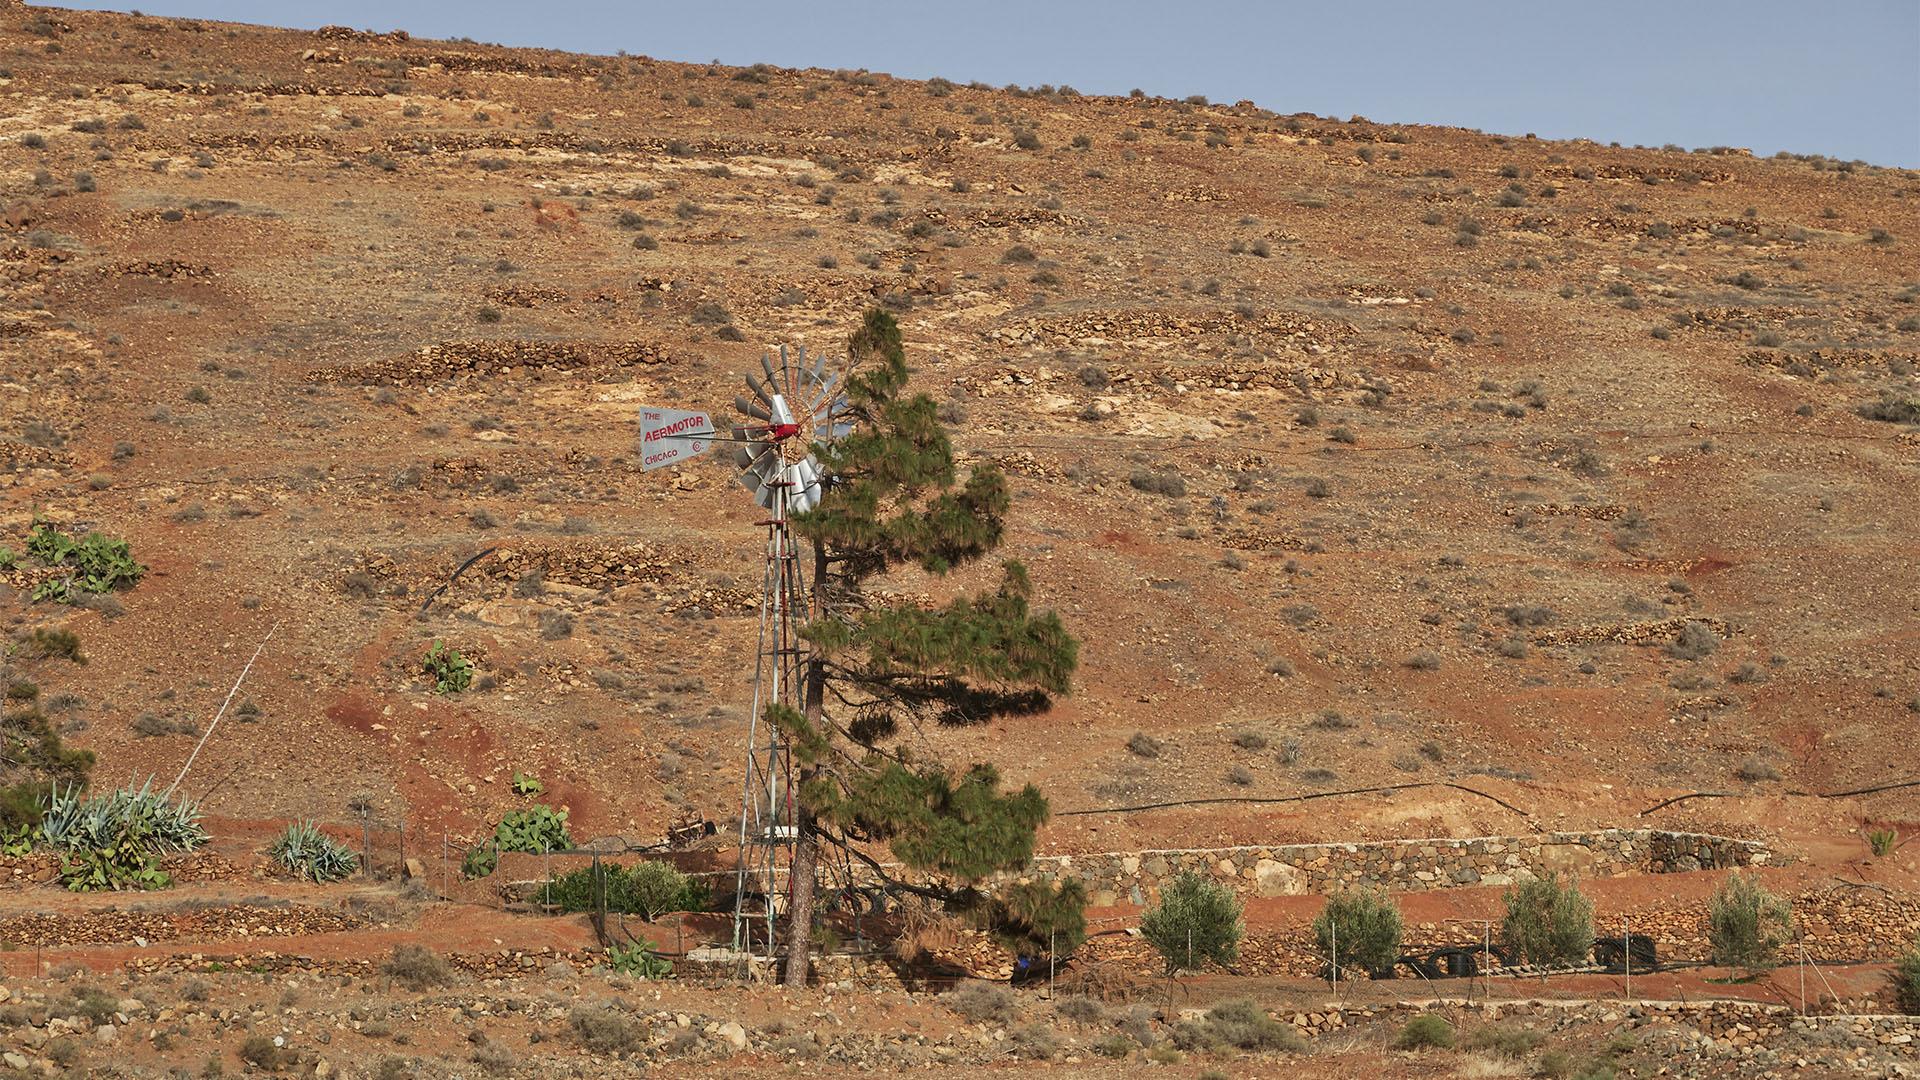 The Aeromotor Chicago pumpt seit den 1908er Jahren Grundwasser auf der Sonneninsel Fuerteventura.